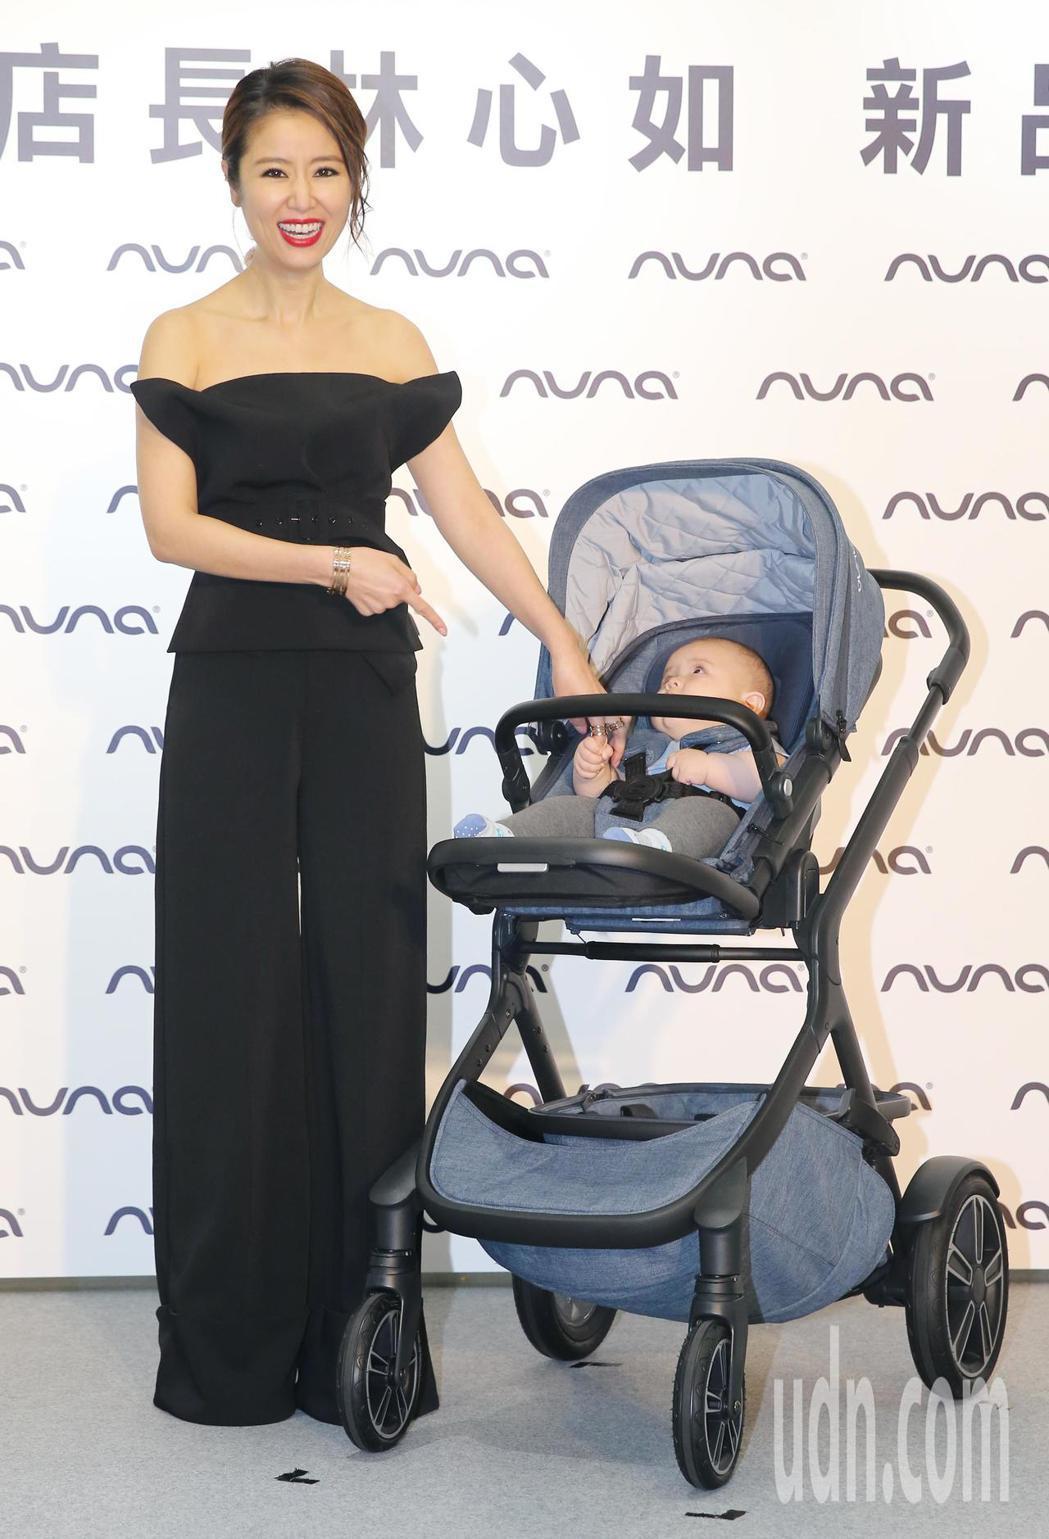 升格當媽的藝人林心如,受邀代言知名嬰兒推車品牌NUNA,她穿著襯托好身材的黑色晚...